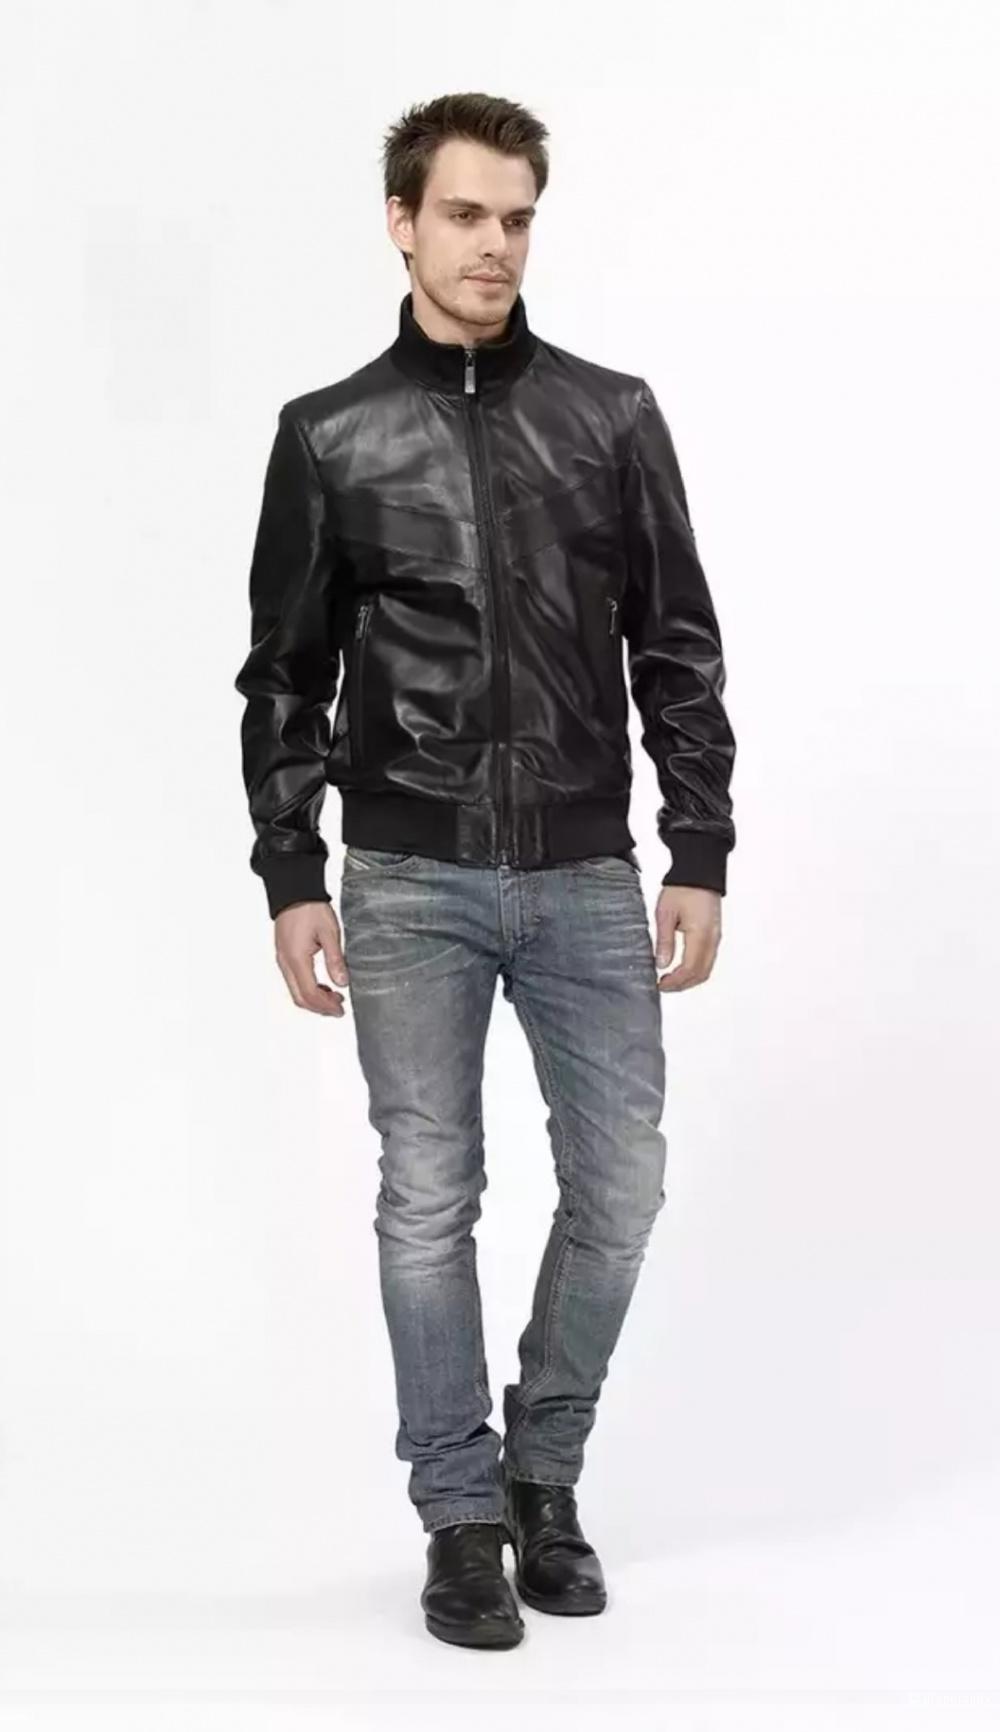 Мужская куртка ZARA, размер L 48-50